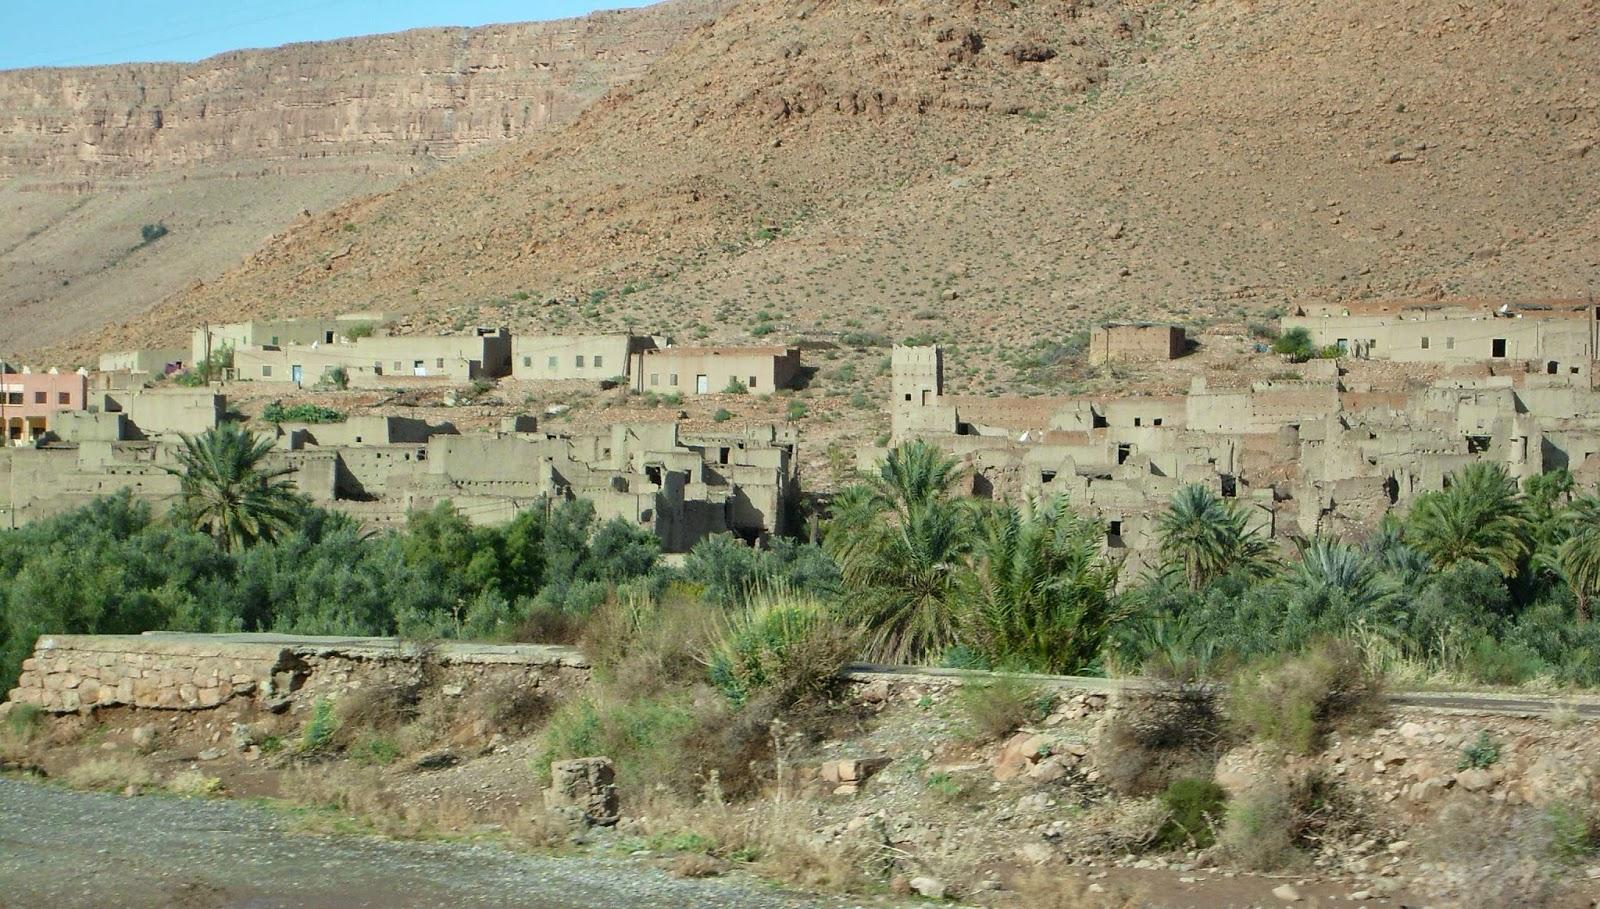 montagne couleur maisons maroc palmiers